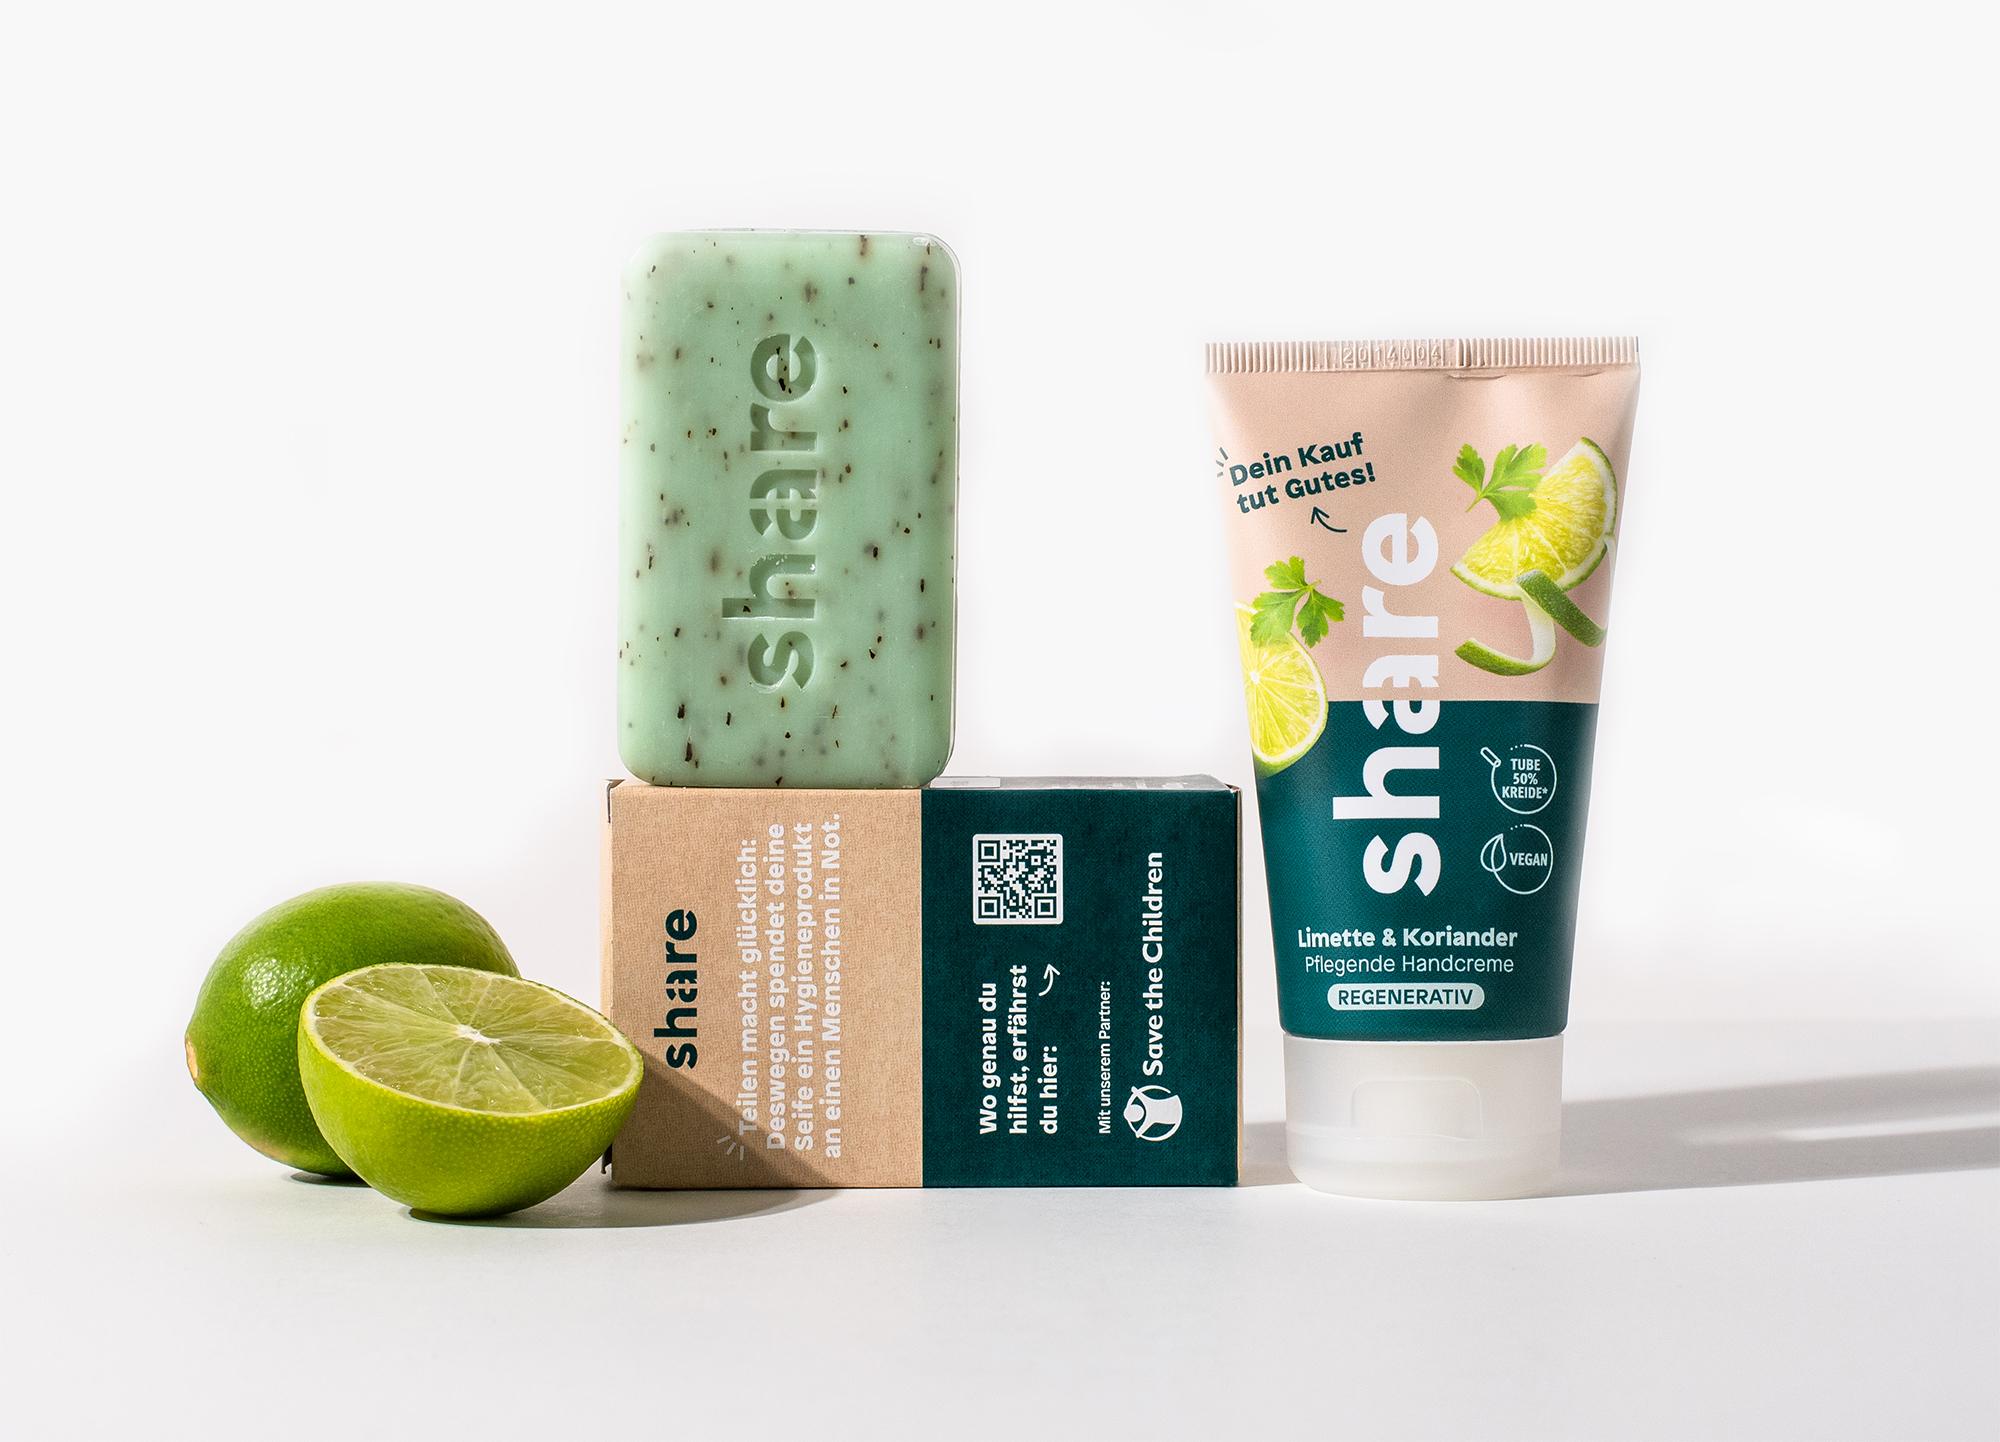 FranziskaBoettcher_Share_Packaging_5